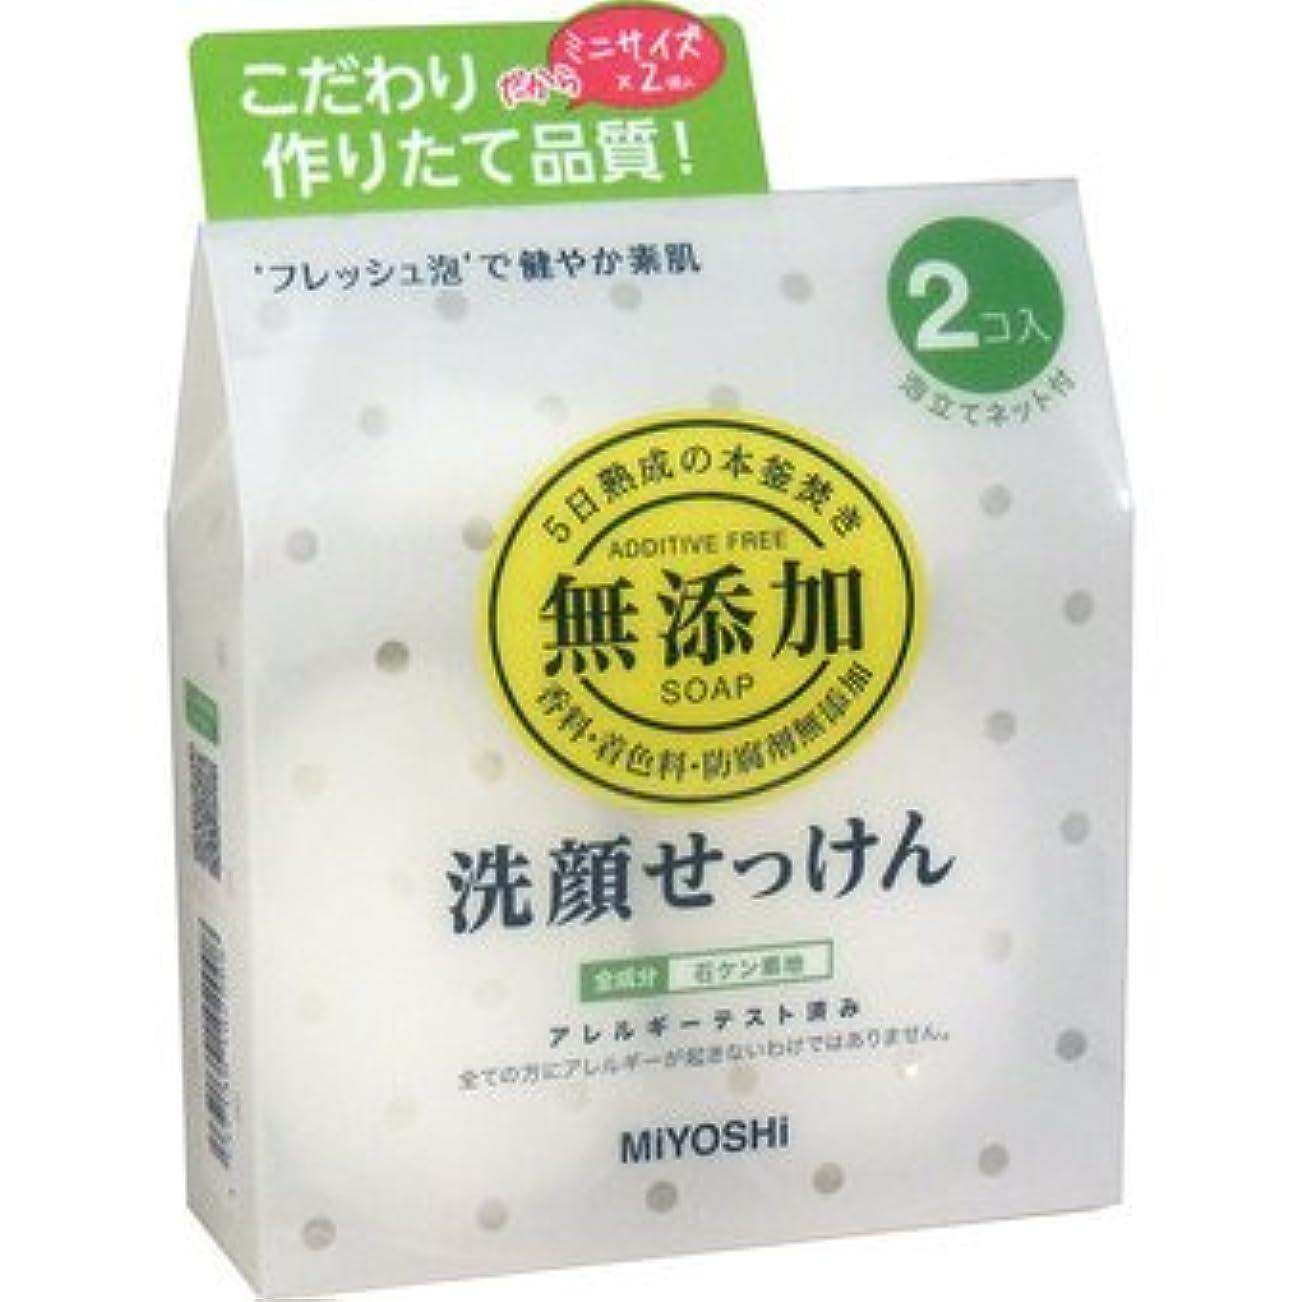 マナーサーマルコースミヨシ石鹸 無添加 洗顔せっけん 40g 2コ入 泡立てネット付き×36点セット (4537130102008)